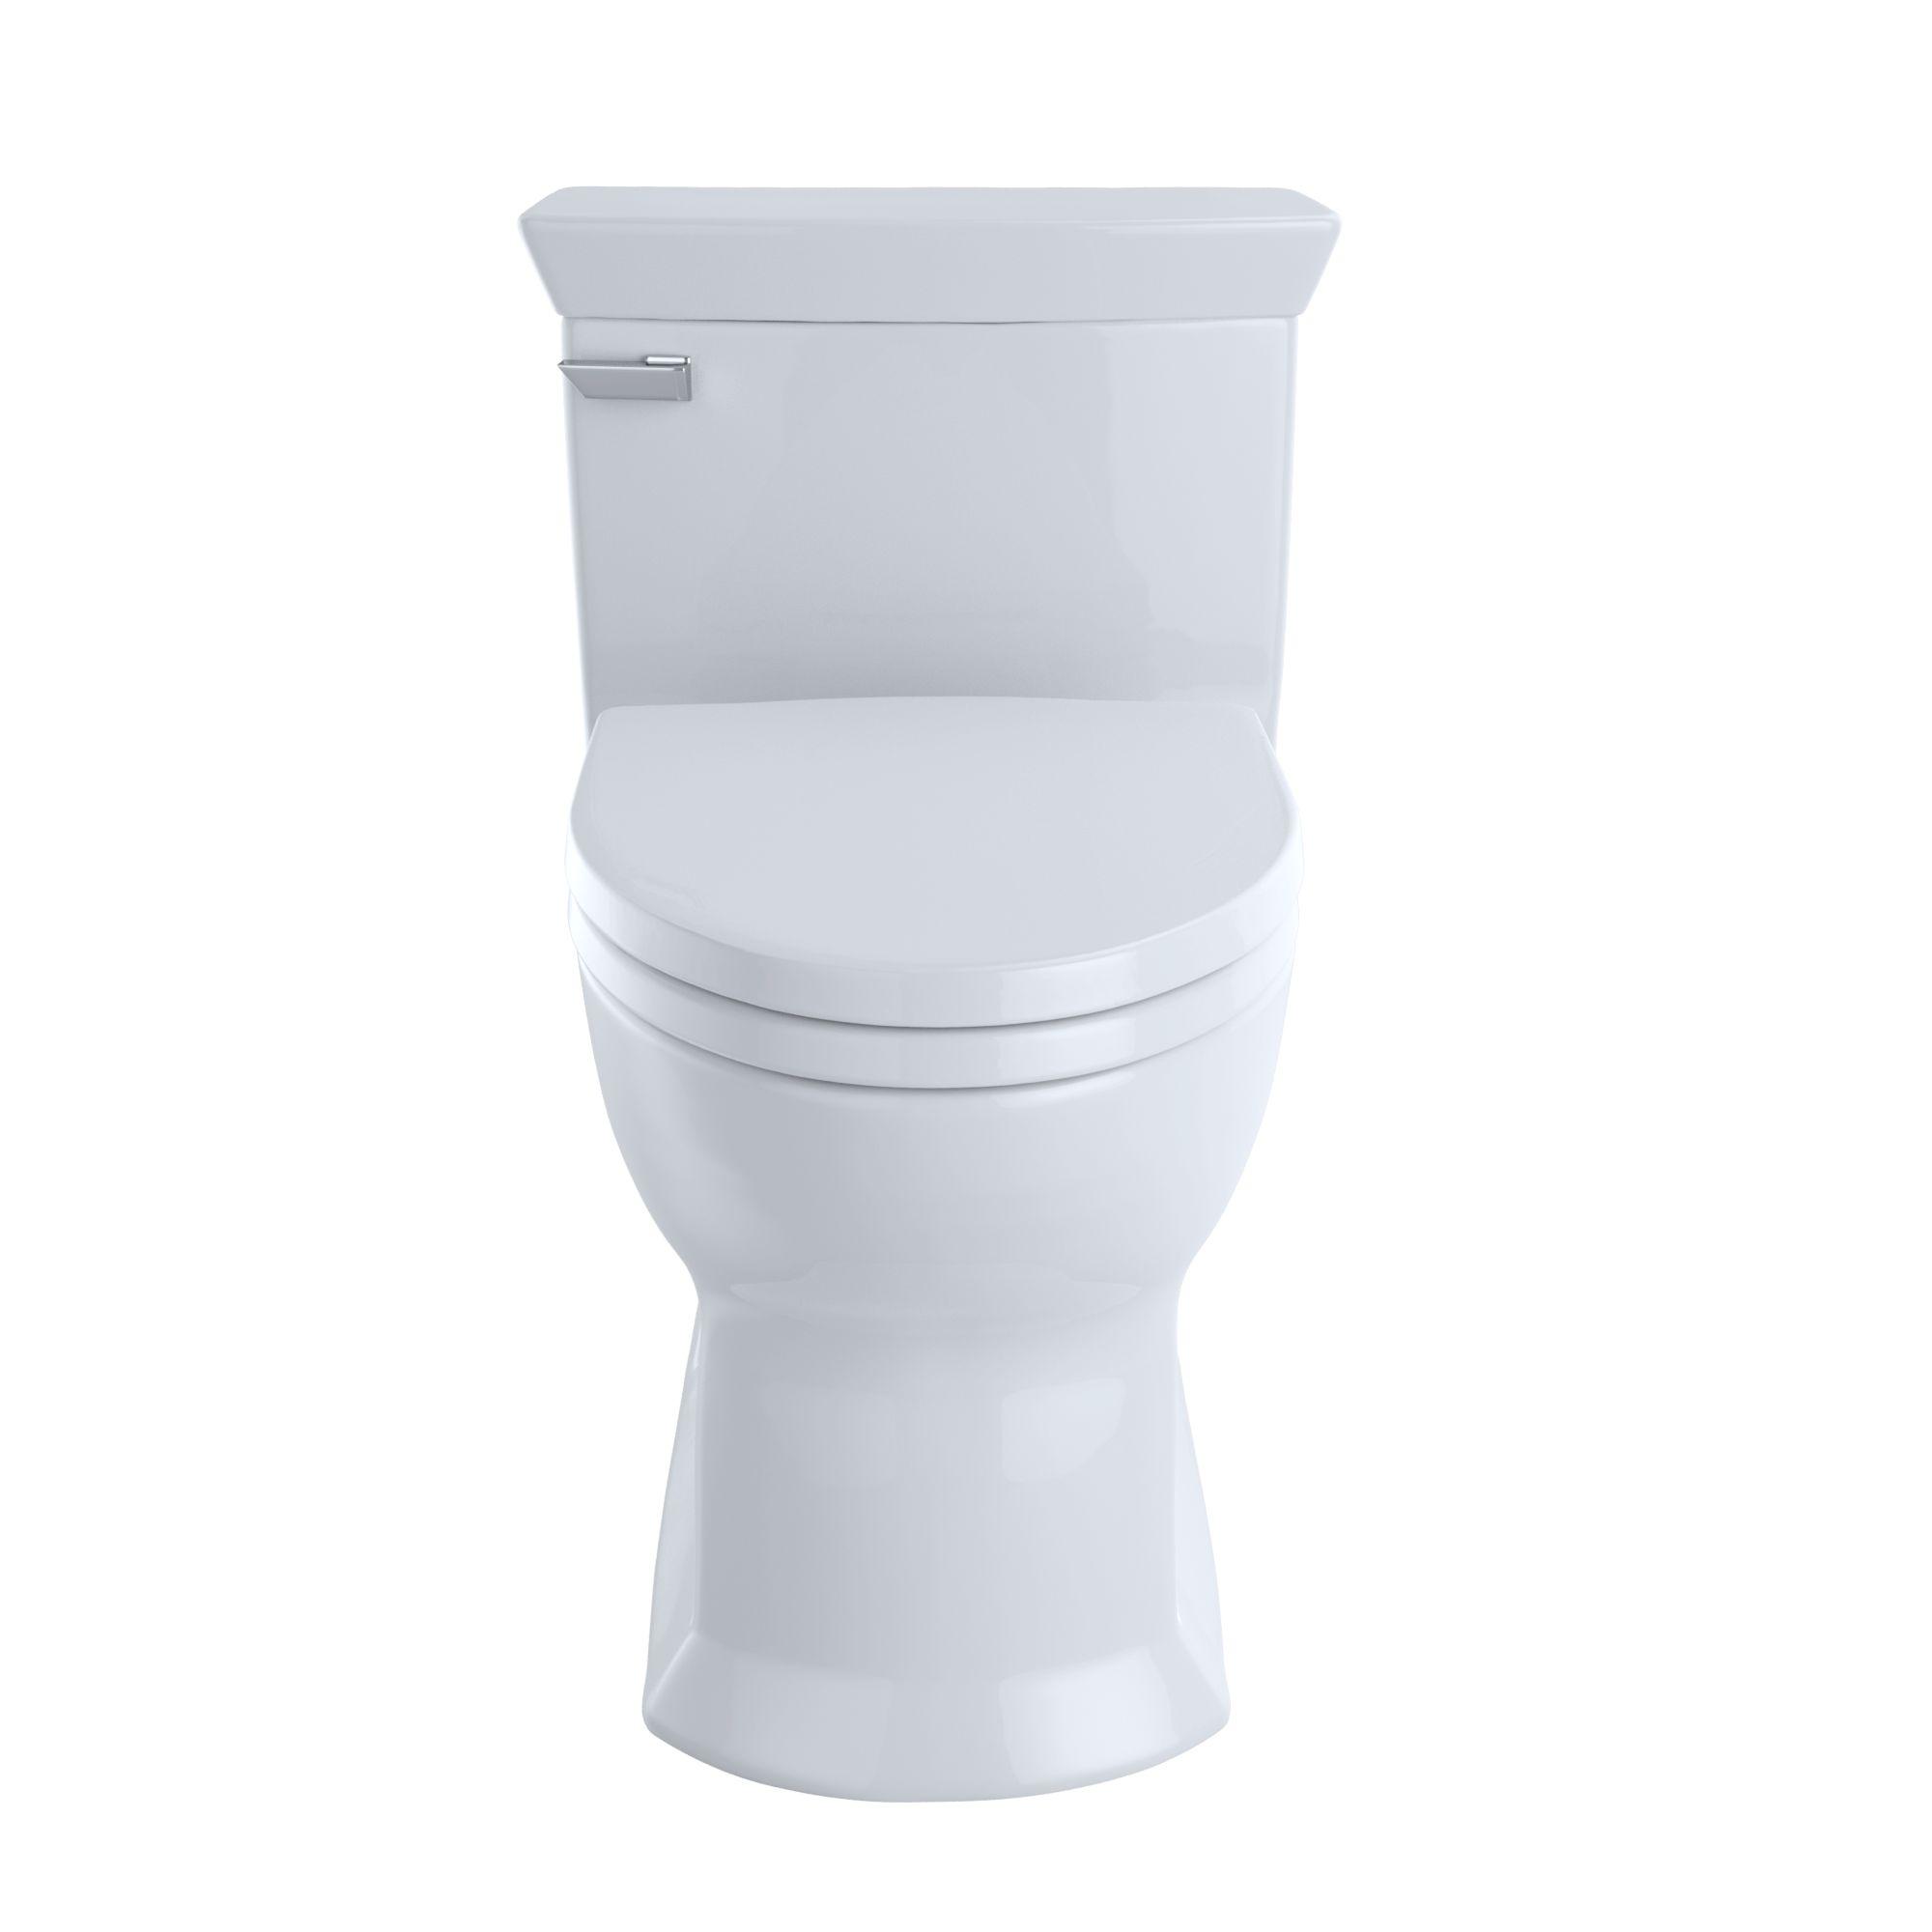 Eco Soir©e® One Piece Toilet, 1.28 GPF, Elongated Bowl - TotoUSA.com